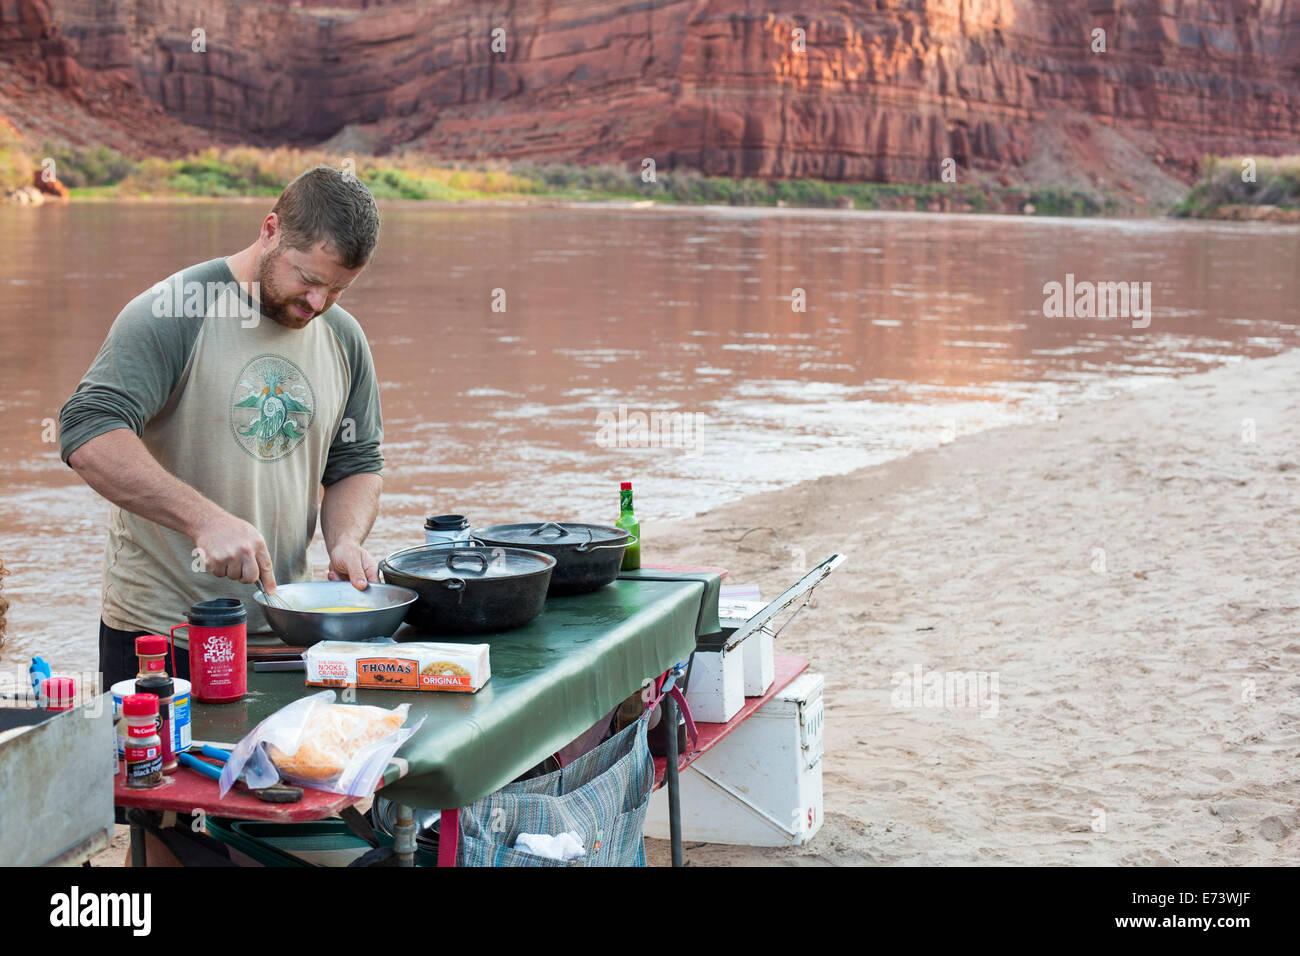 Parque Nacional Canyonlands, en Utah - Un río guías prepara una comida durante un viaje en balsa por el Imagen De Stock